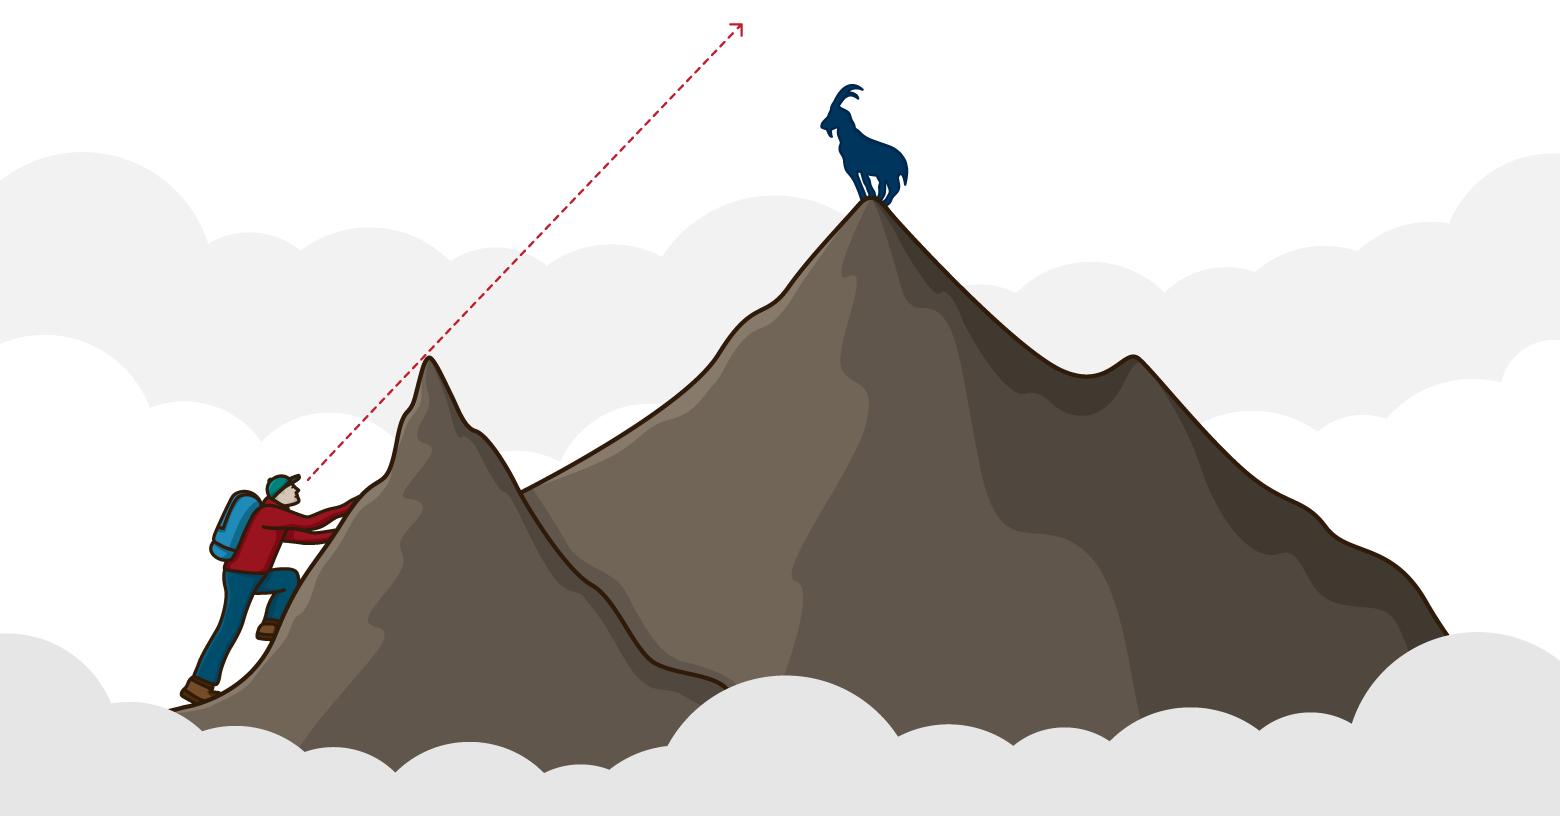 montagne et objectif